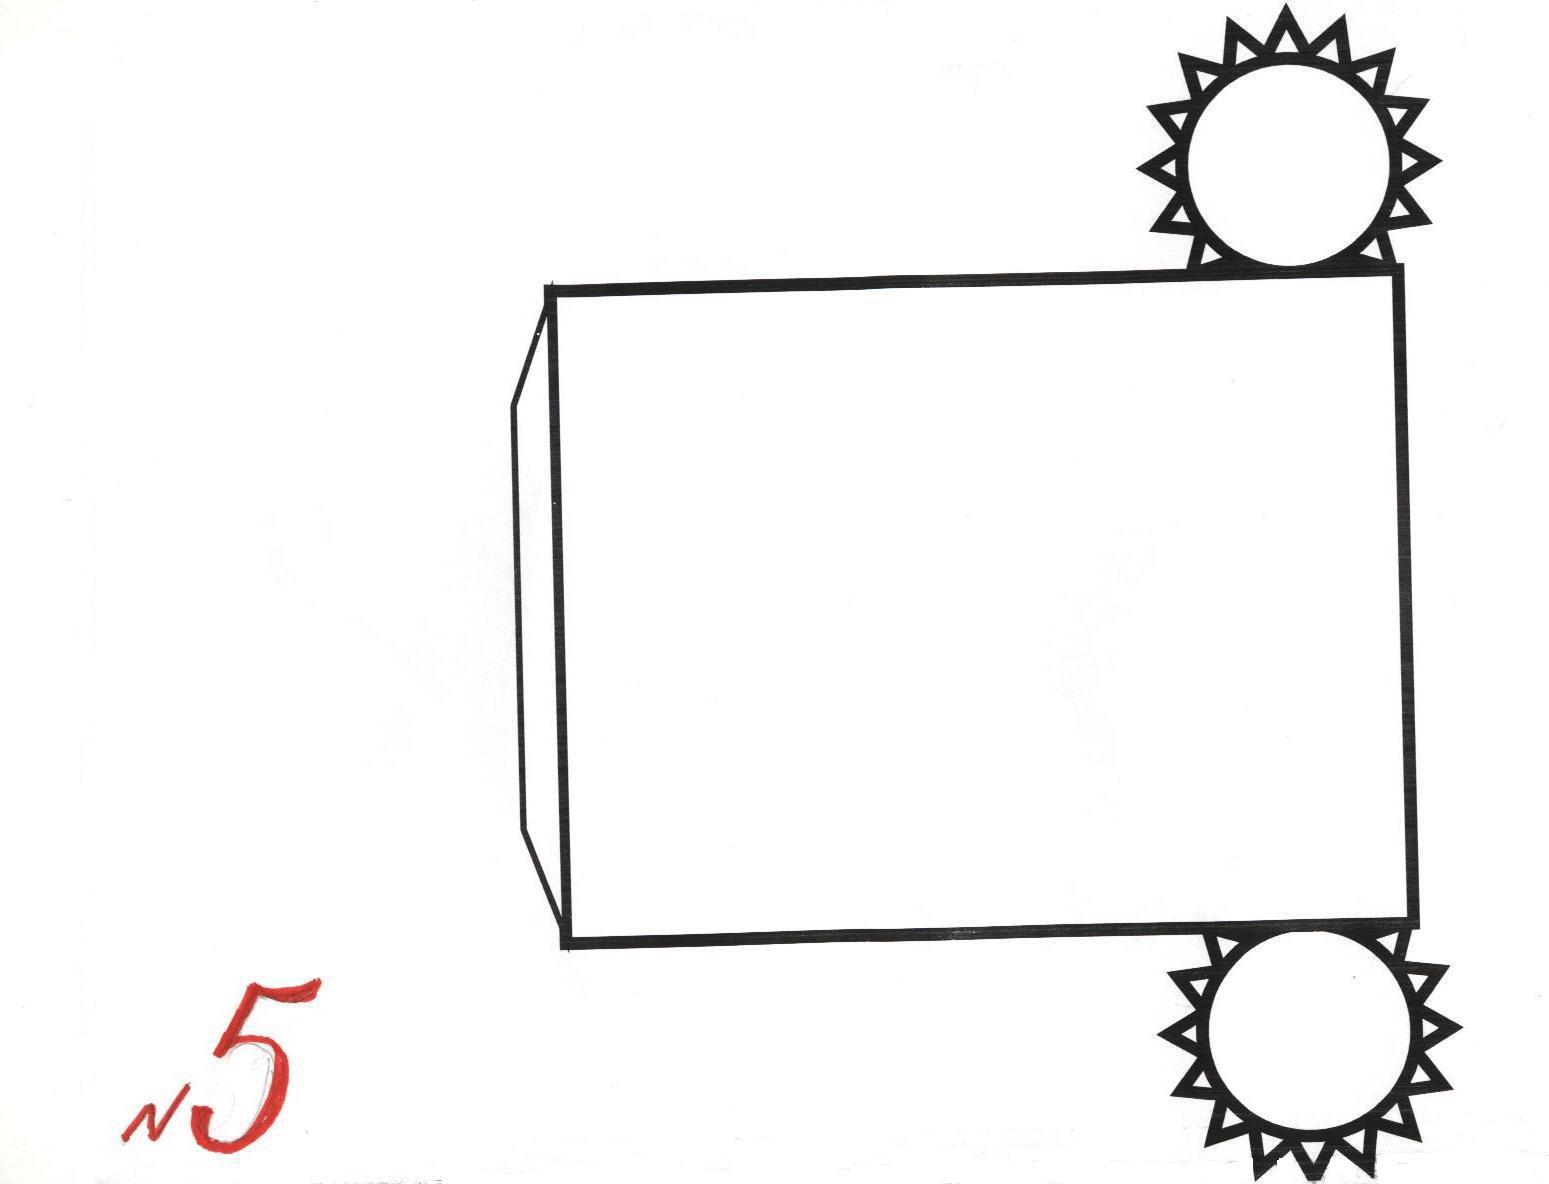 Цилиндр из бумаги схема